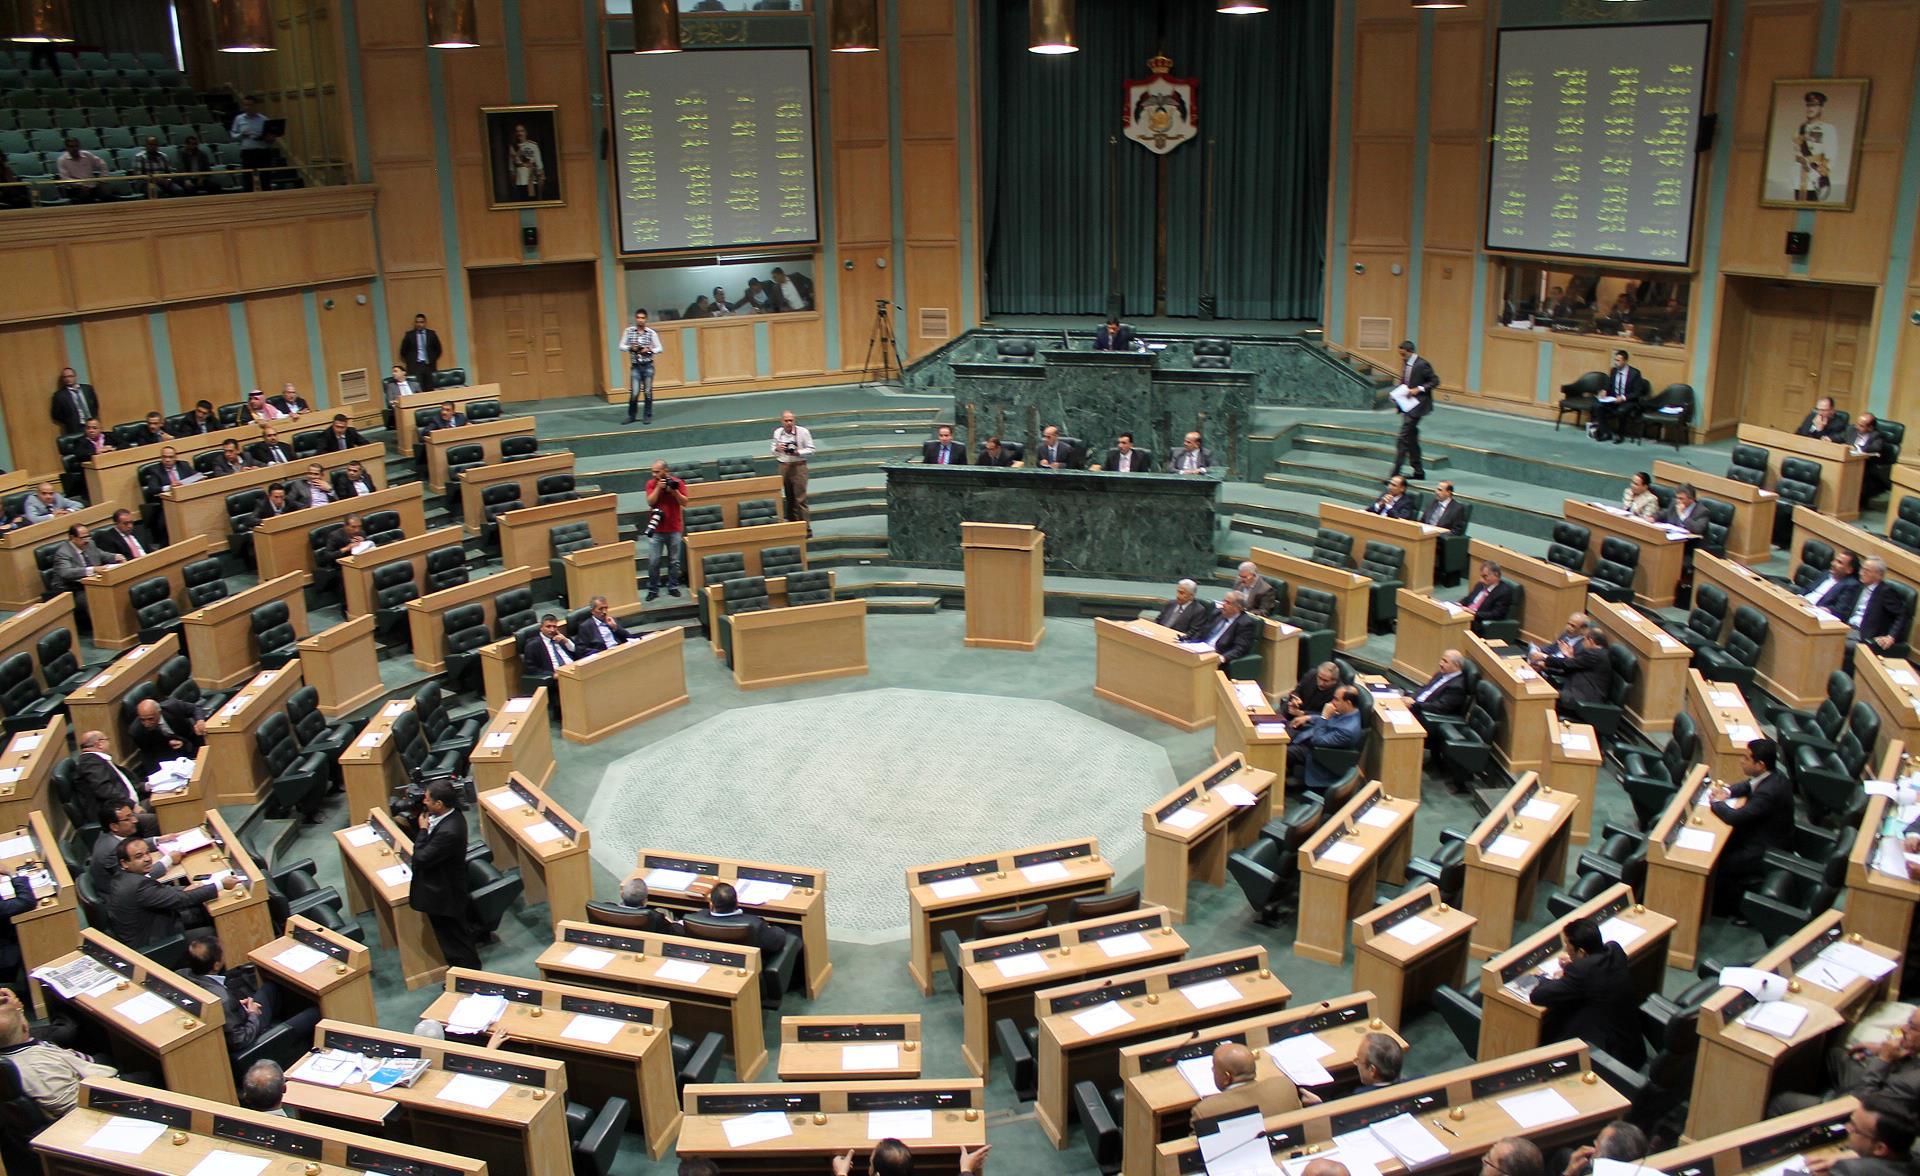 الحكومة  ستجيب على 15 سؤالا مطروحا من النواب خلال الجلسة المسائية اليوم